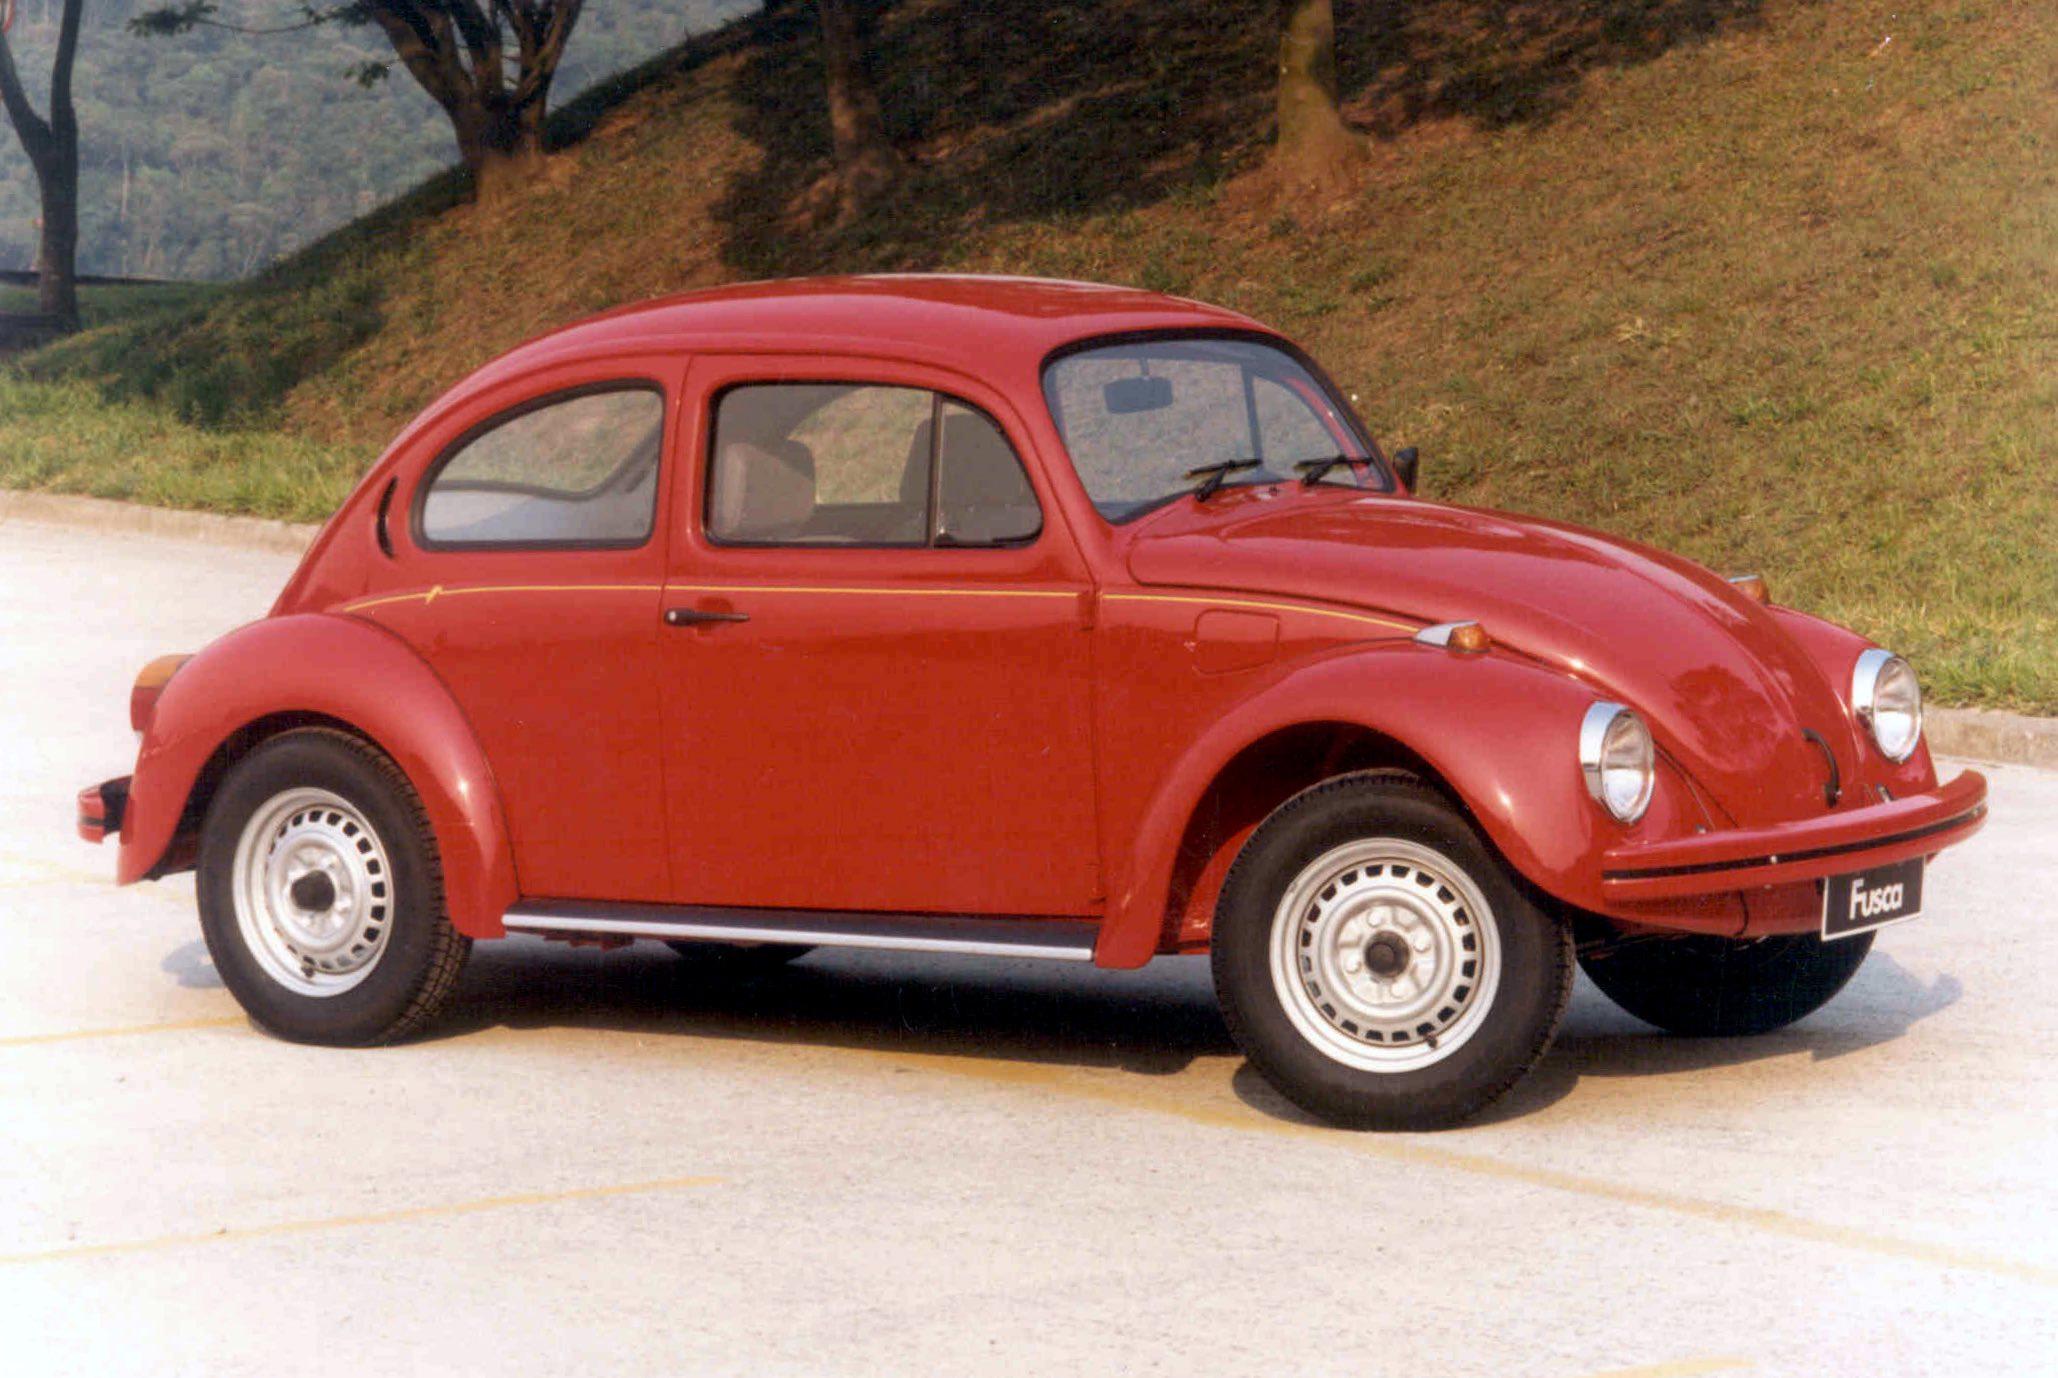 Fusca voltou a ser produzido no Brasil em 1994, a pedido do então presidente Itamar Franco